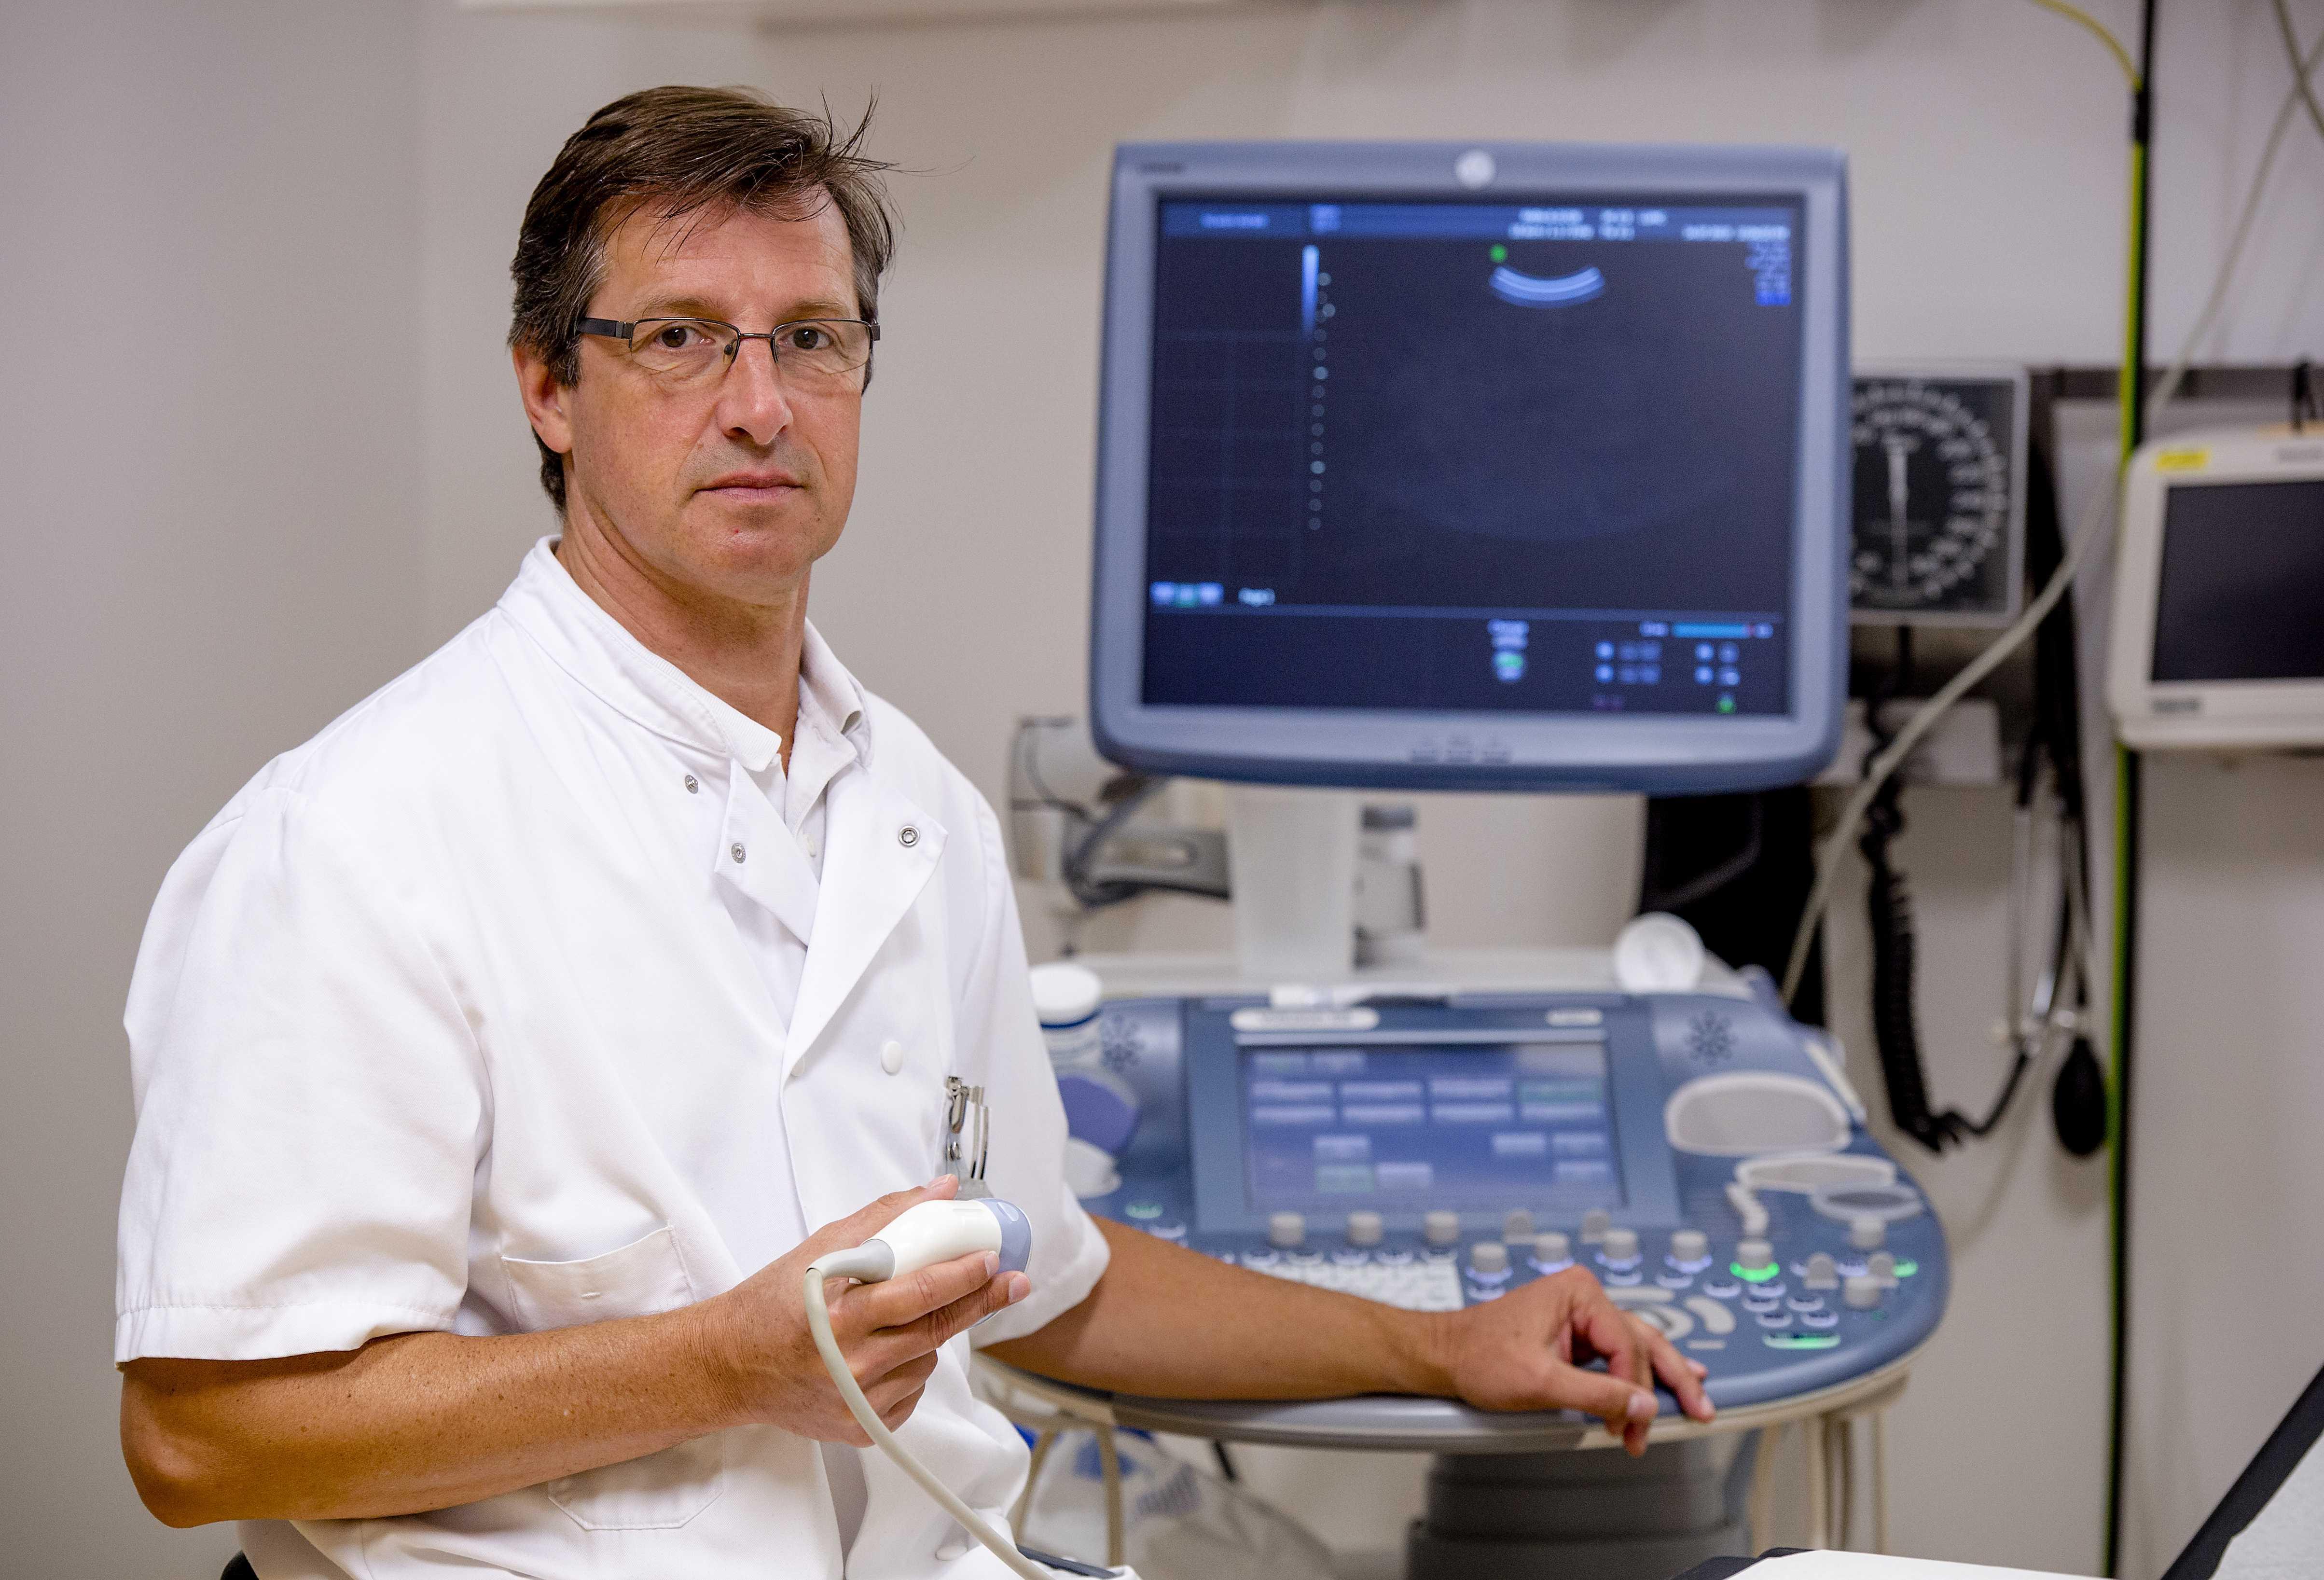 LUMC-gynaecoloog prof. dr. Dick Oepkes ontvangt koninklijke onderscheiding